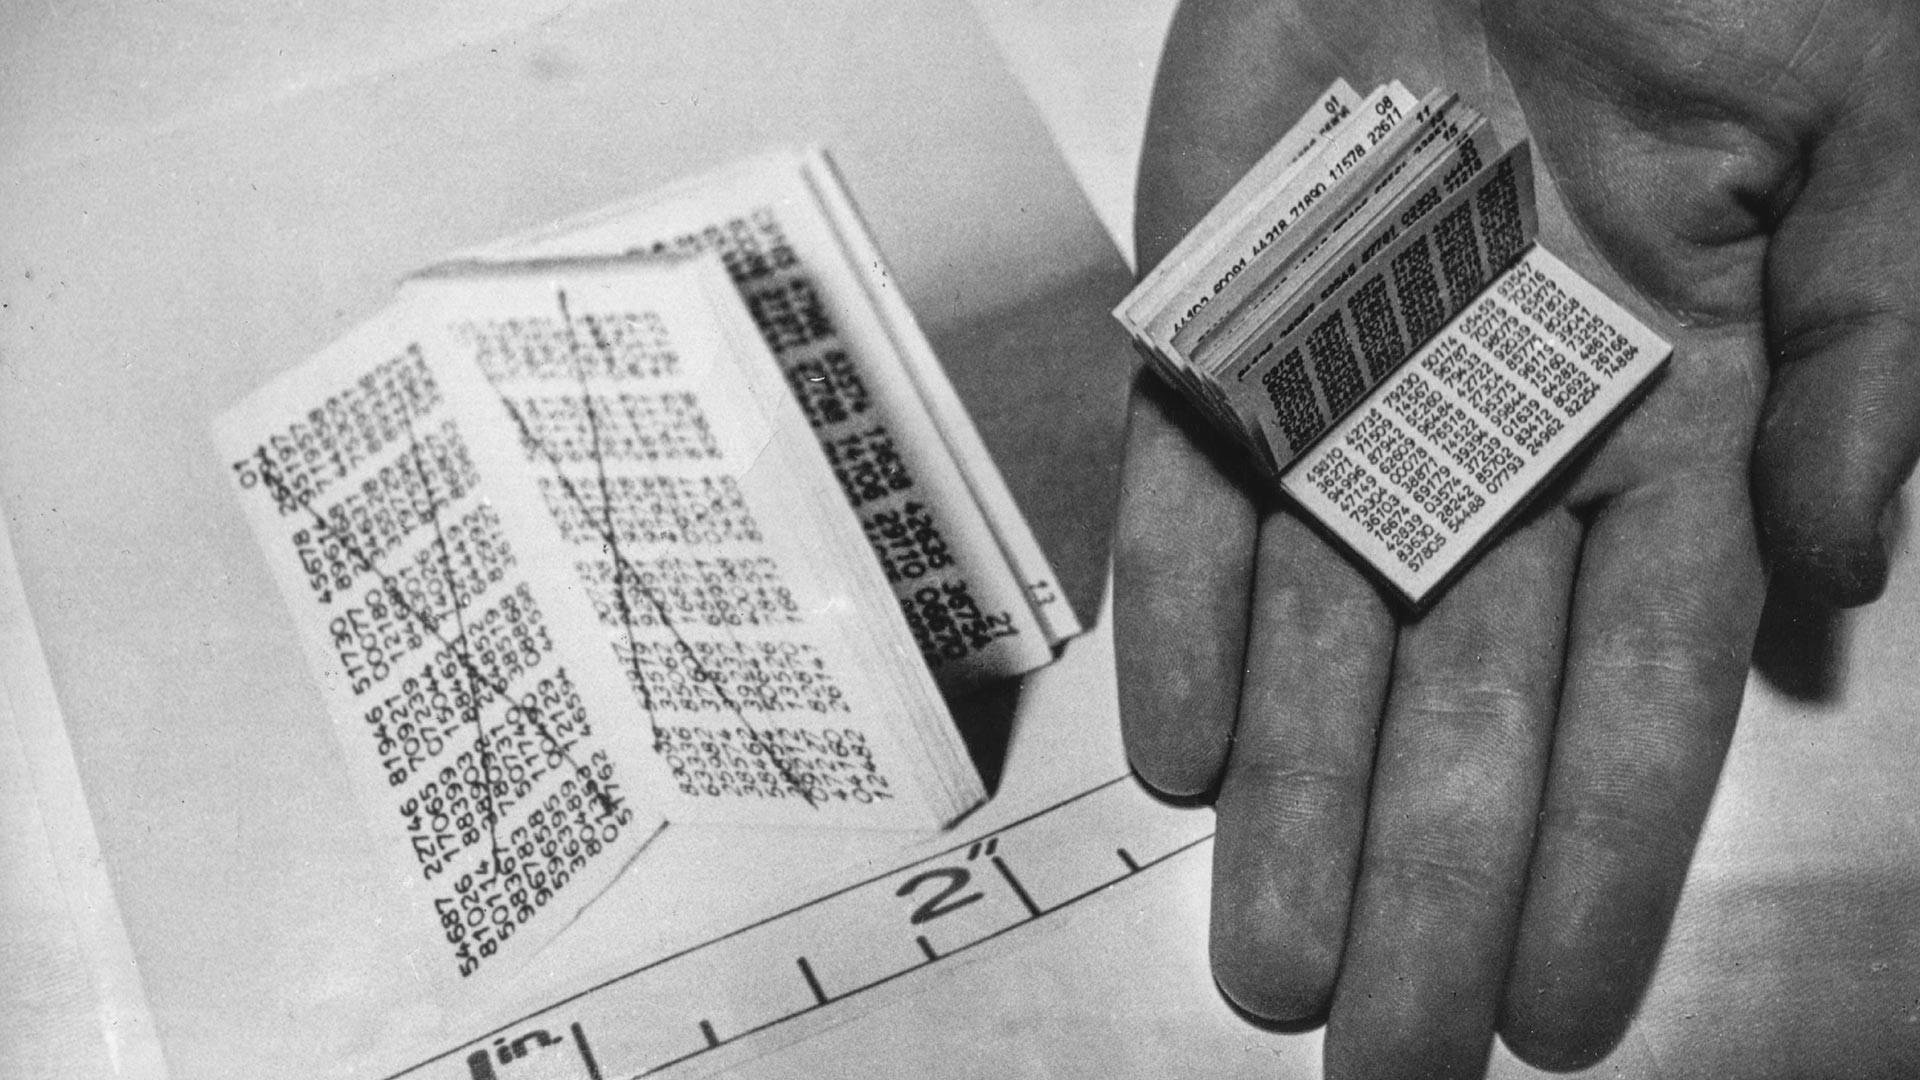 Минијатурни шифарник који садржи серије цифара. По речима државног тужиоца Елвина Џонса, њу су шпијуни користили за дешифровање порука из Москве.